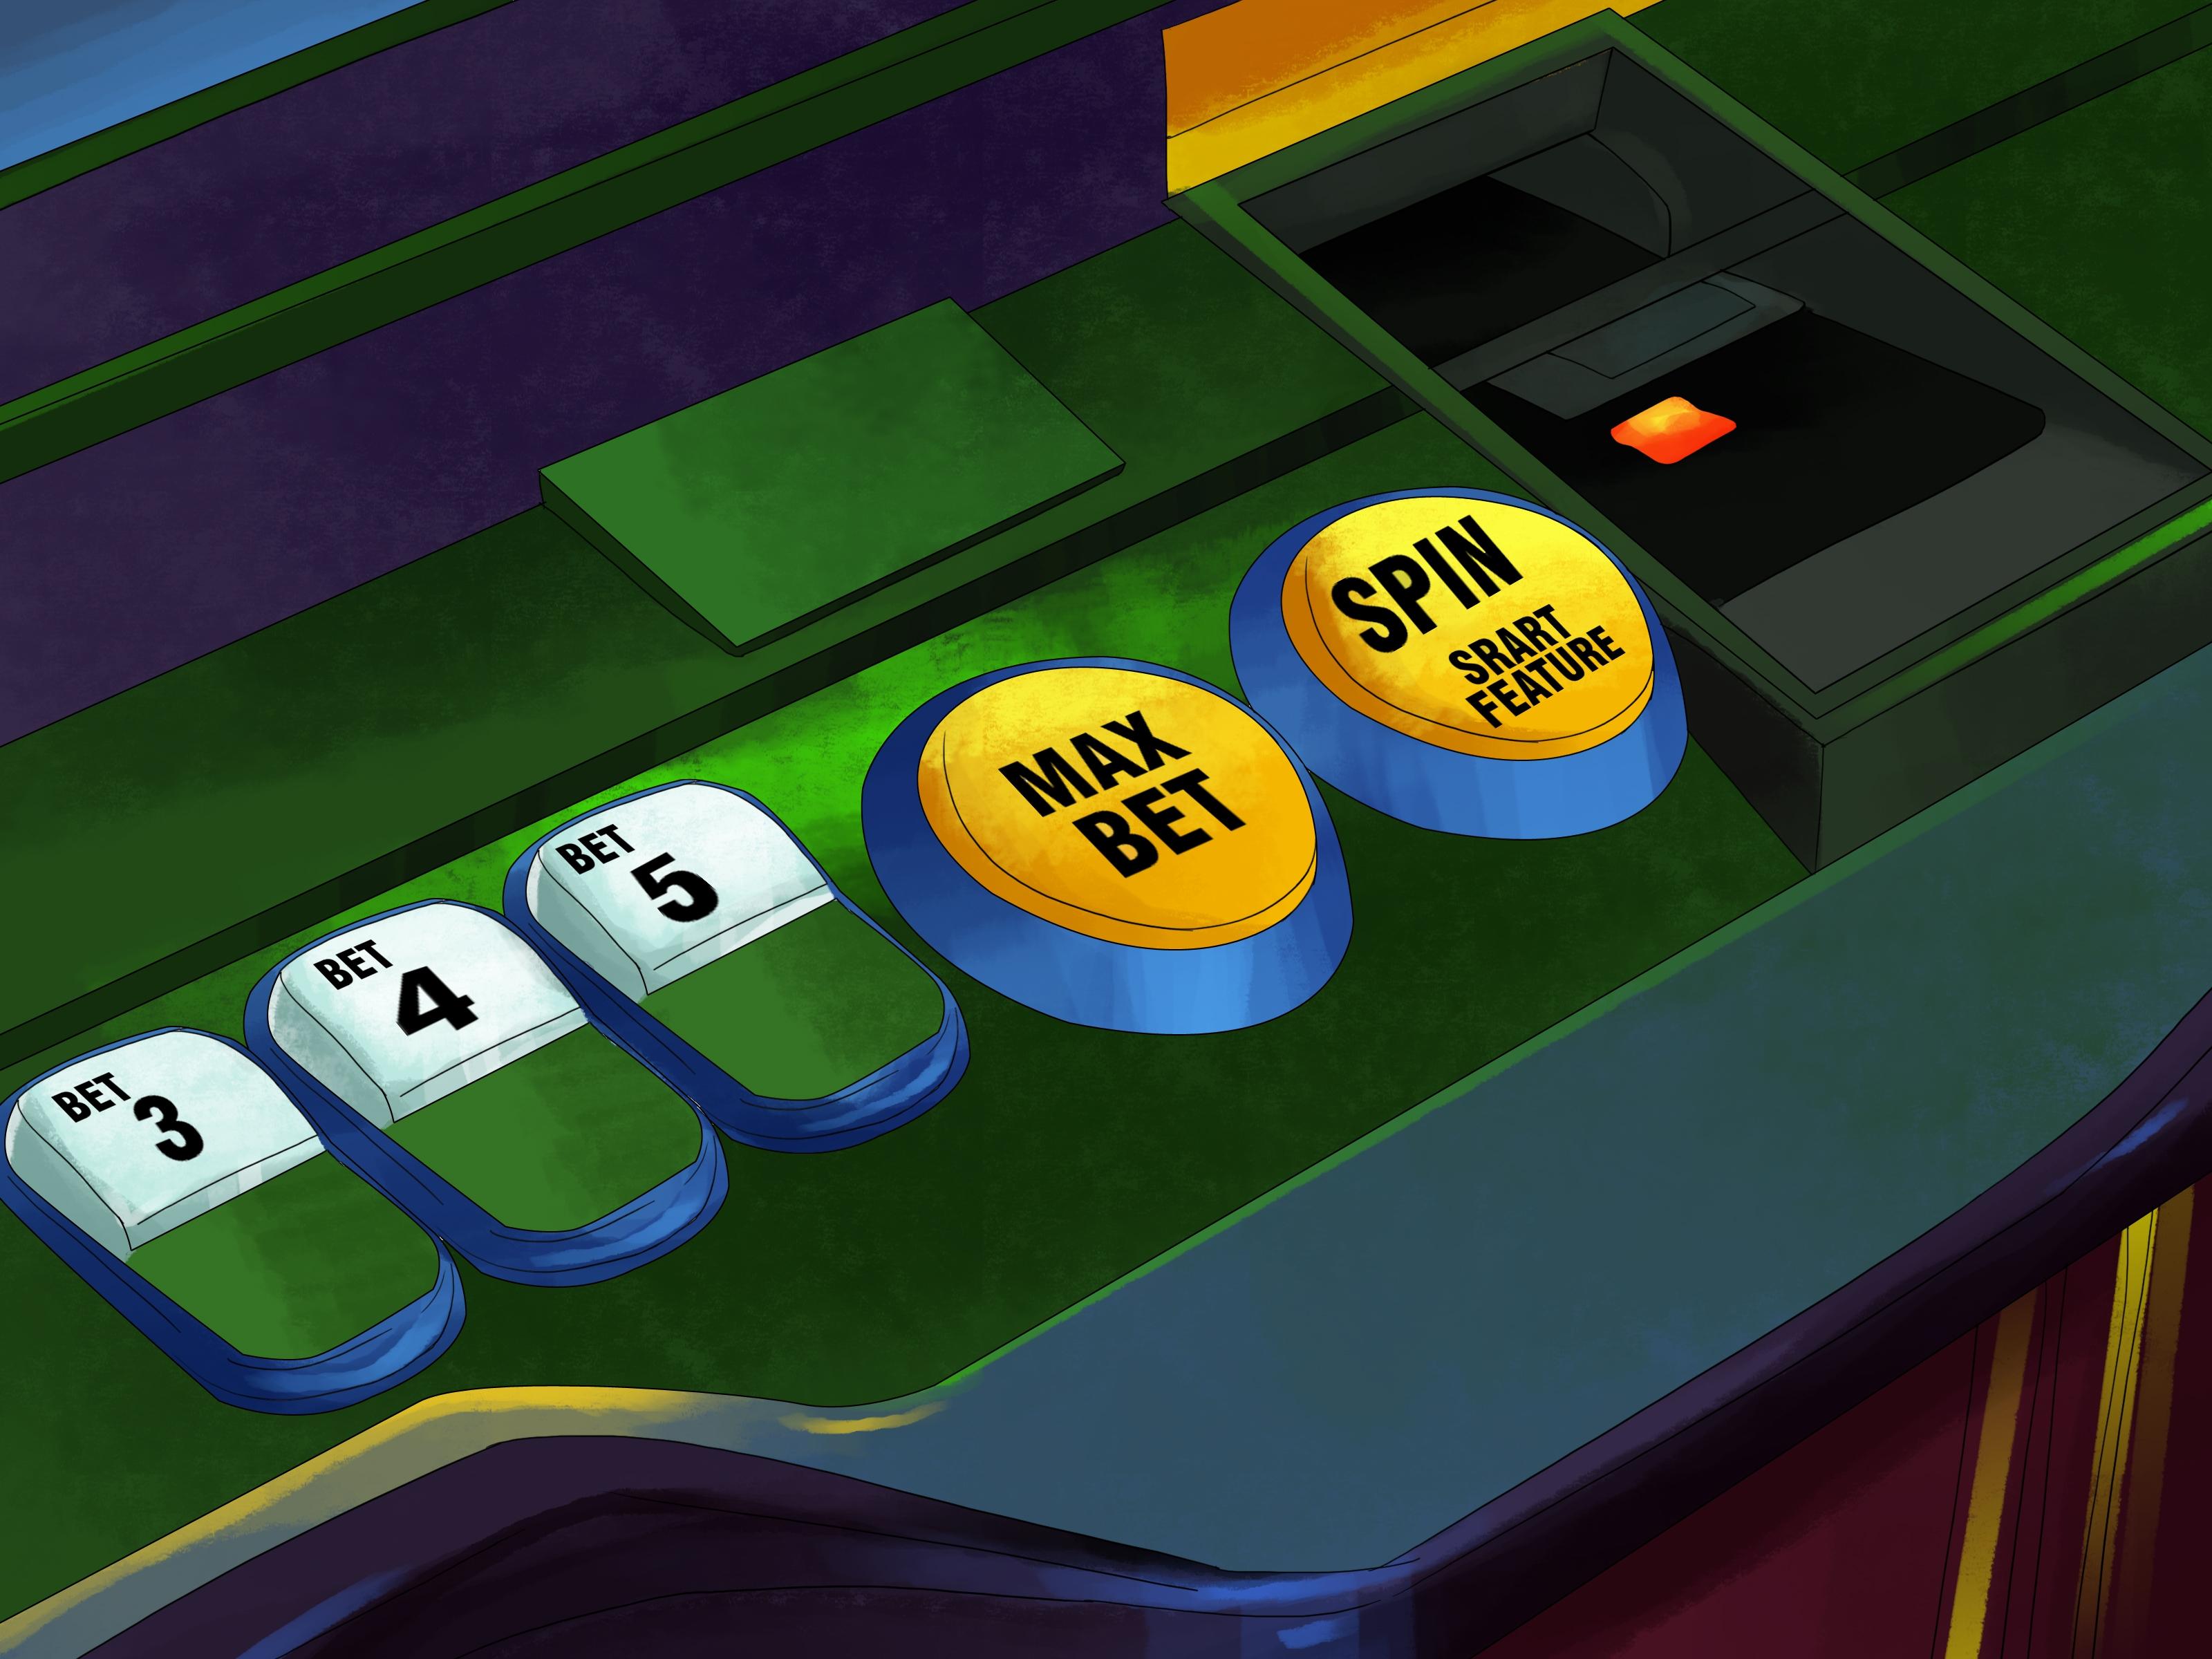 азартныя гульні 2000